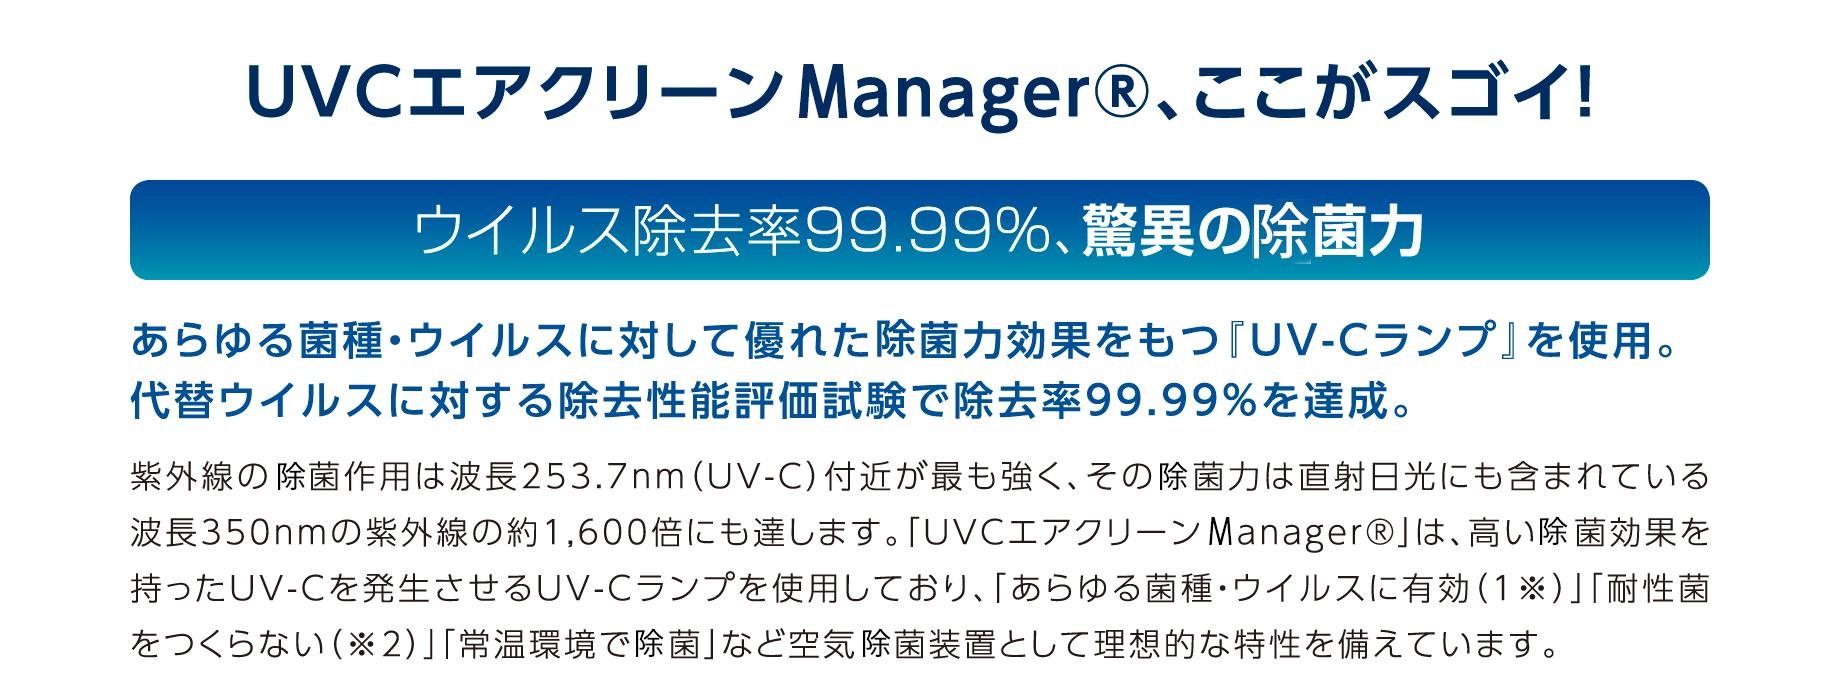 UVCエアクリーンManager、ここがスゴイ! ウイルス除去率99.00%、驚異の除菌力